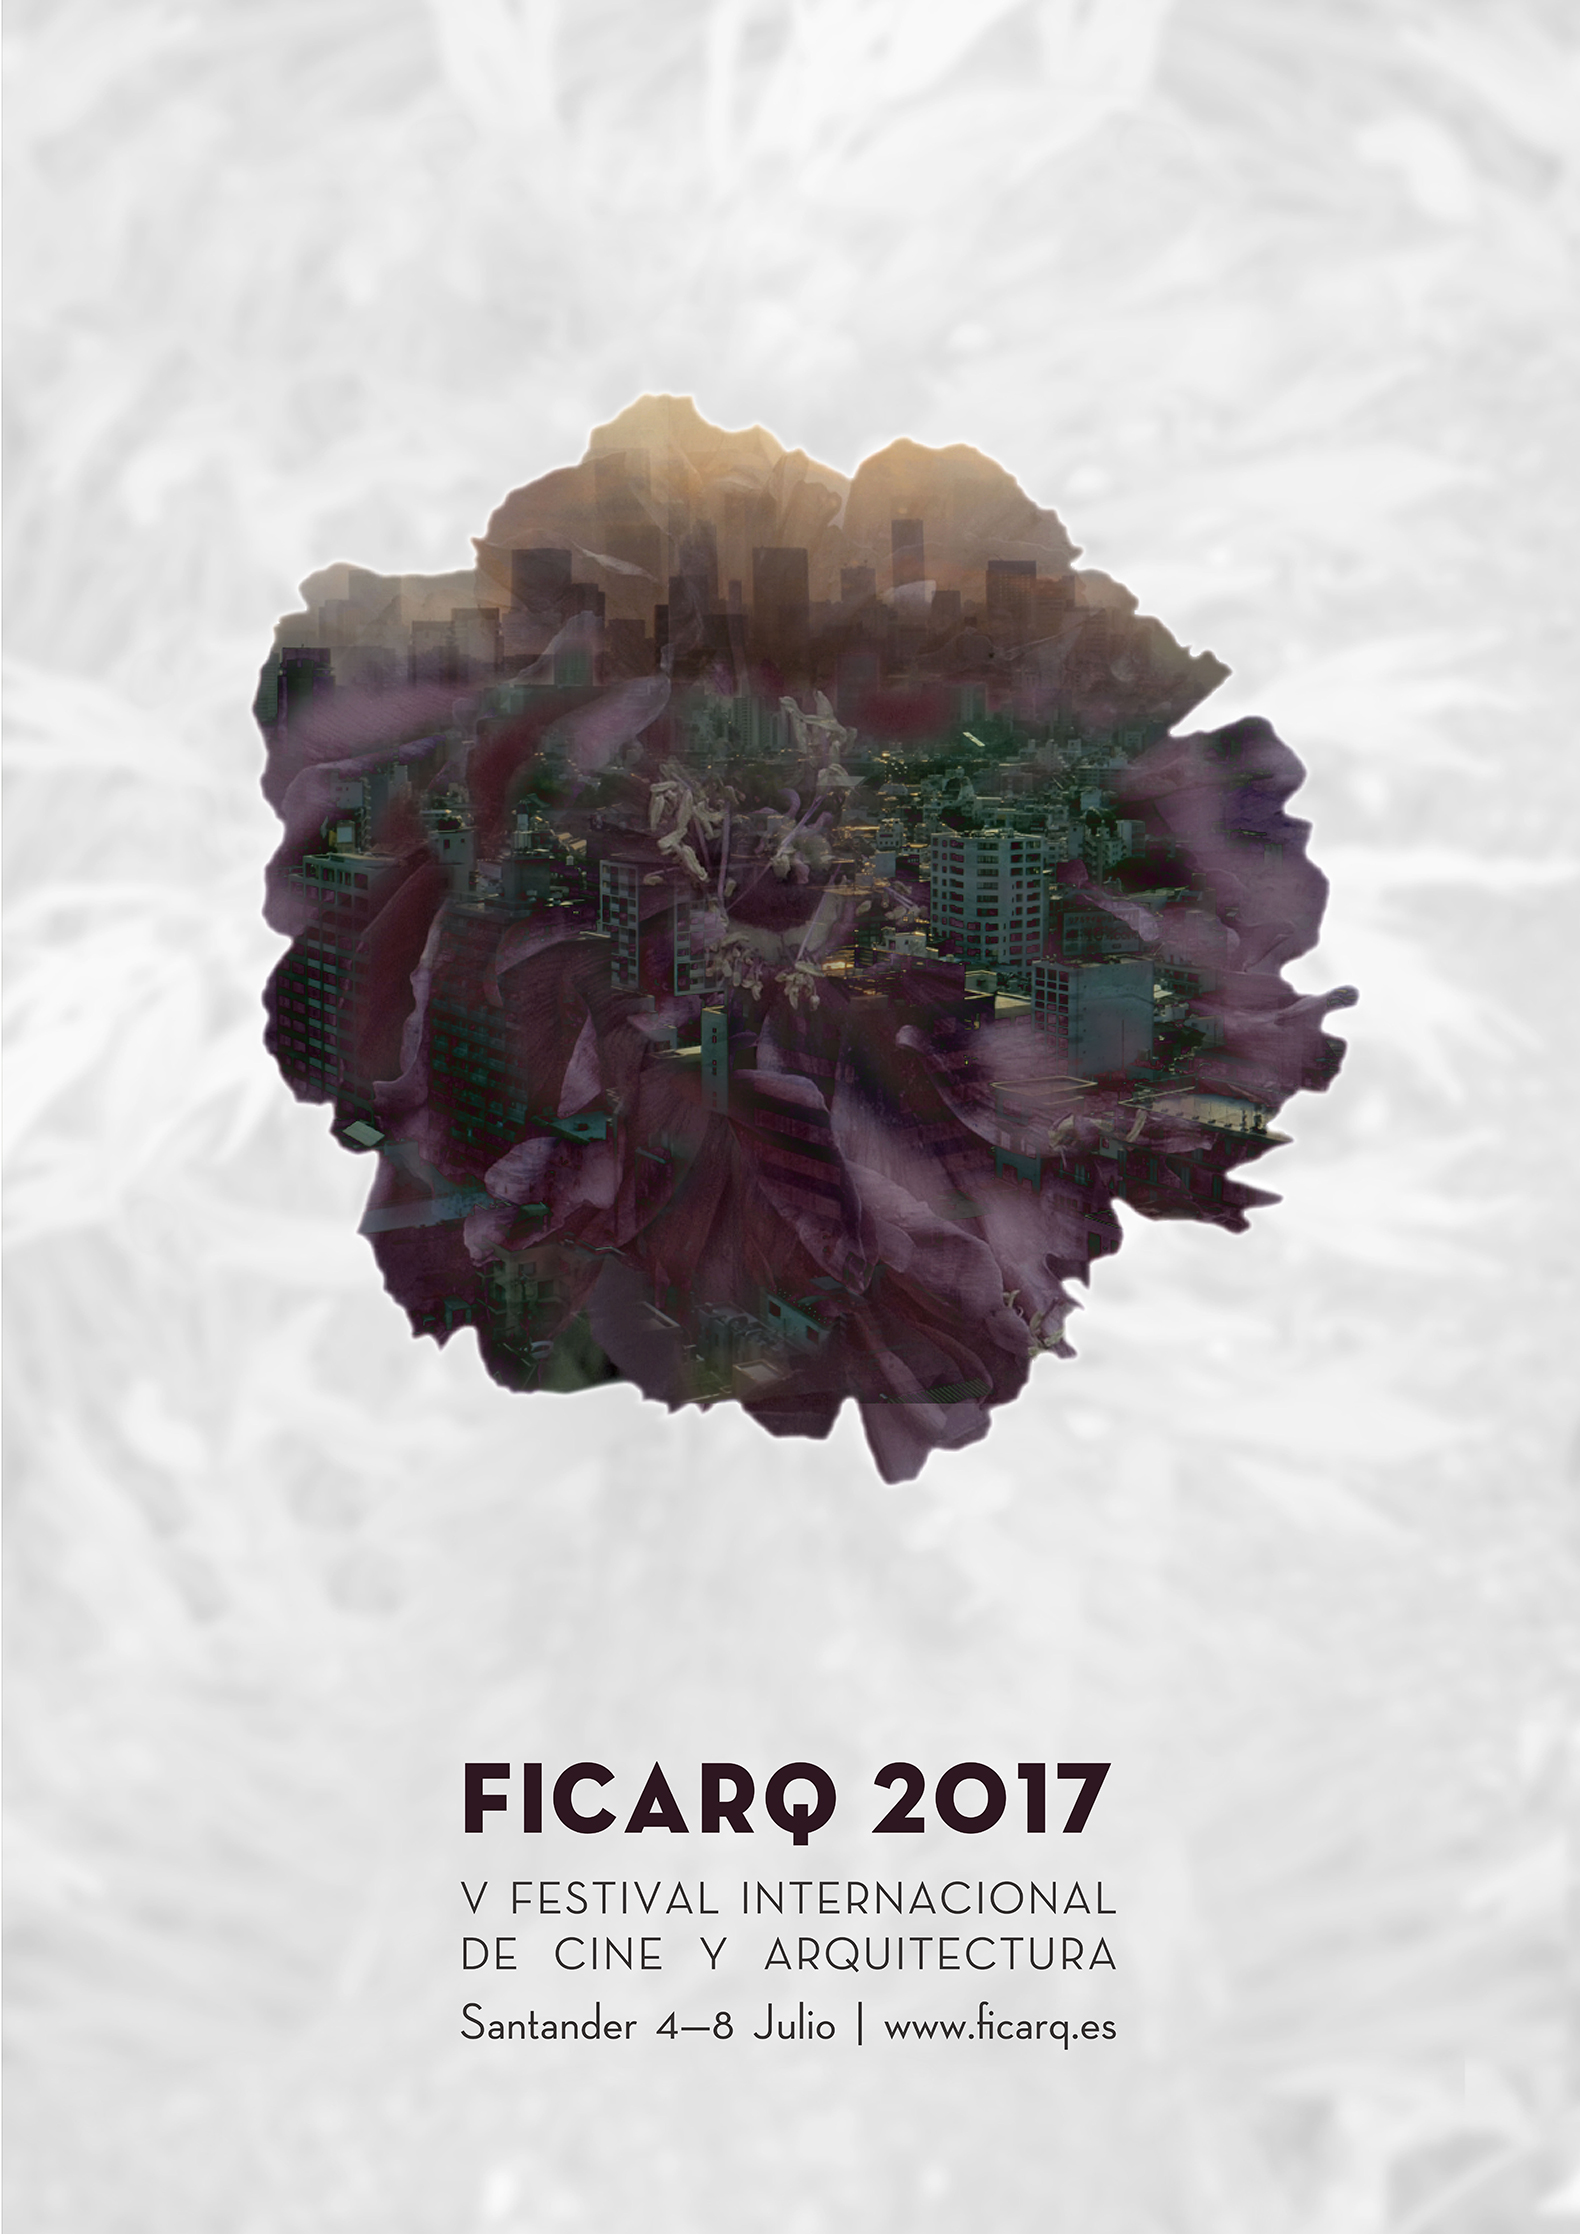 Portada de la V Edición Festival Arquitectura y Cine FICARQ (Santander) 2017